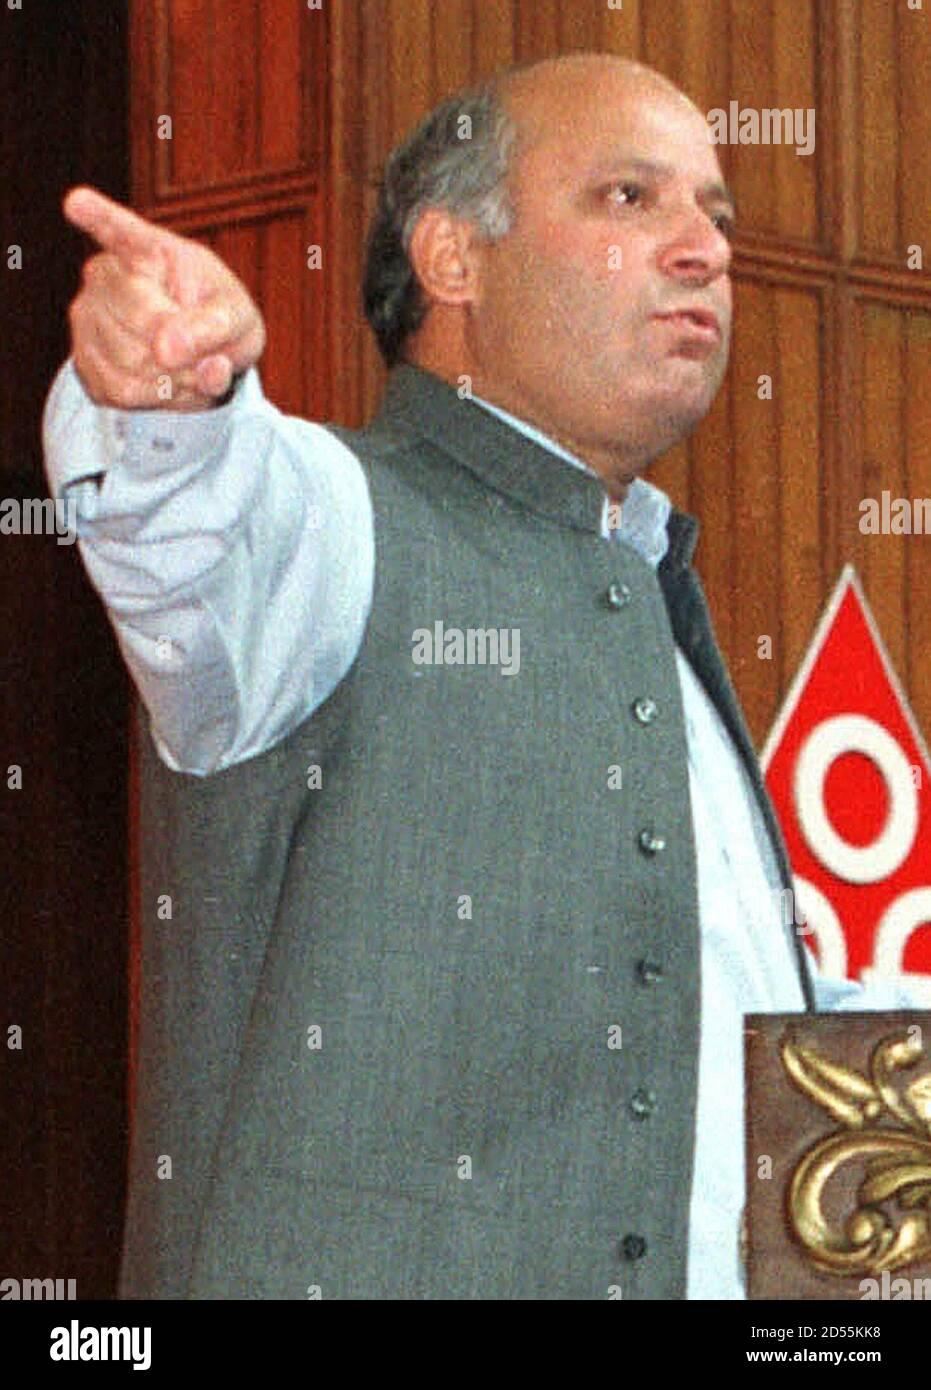 Il primo Ministro Nawaz Sharif parla alla sessione inaugurale della seconda Convenzione sul Pakistan d'oltremare che si è tenuta a Islamabad nell'agosto 25. Sharif ha detto mercoledì che era disposto a concedere il permesso ad una proposta per permettere ai pakistani che vivono all'estero di mettere in comune le loro risorse e lanciare una compagnia aerea e una banca, a condizione che l'idea fosse fattibile. MP/DL/KM Foto Stock